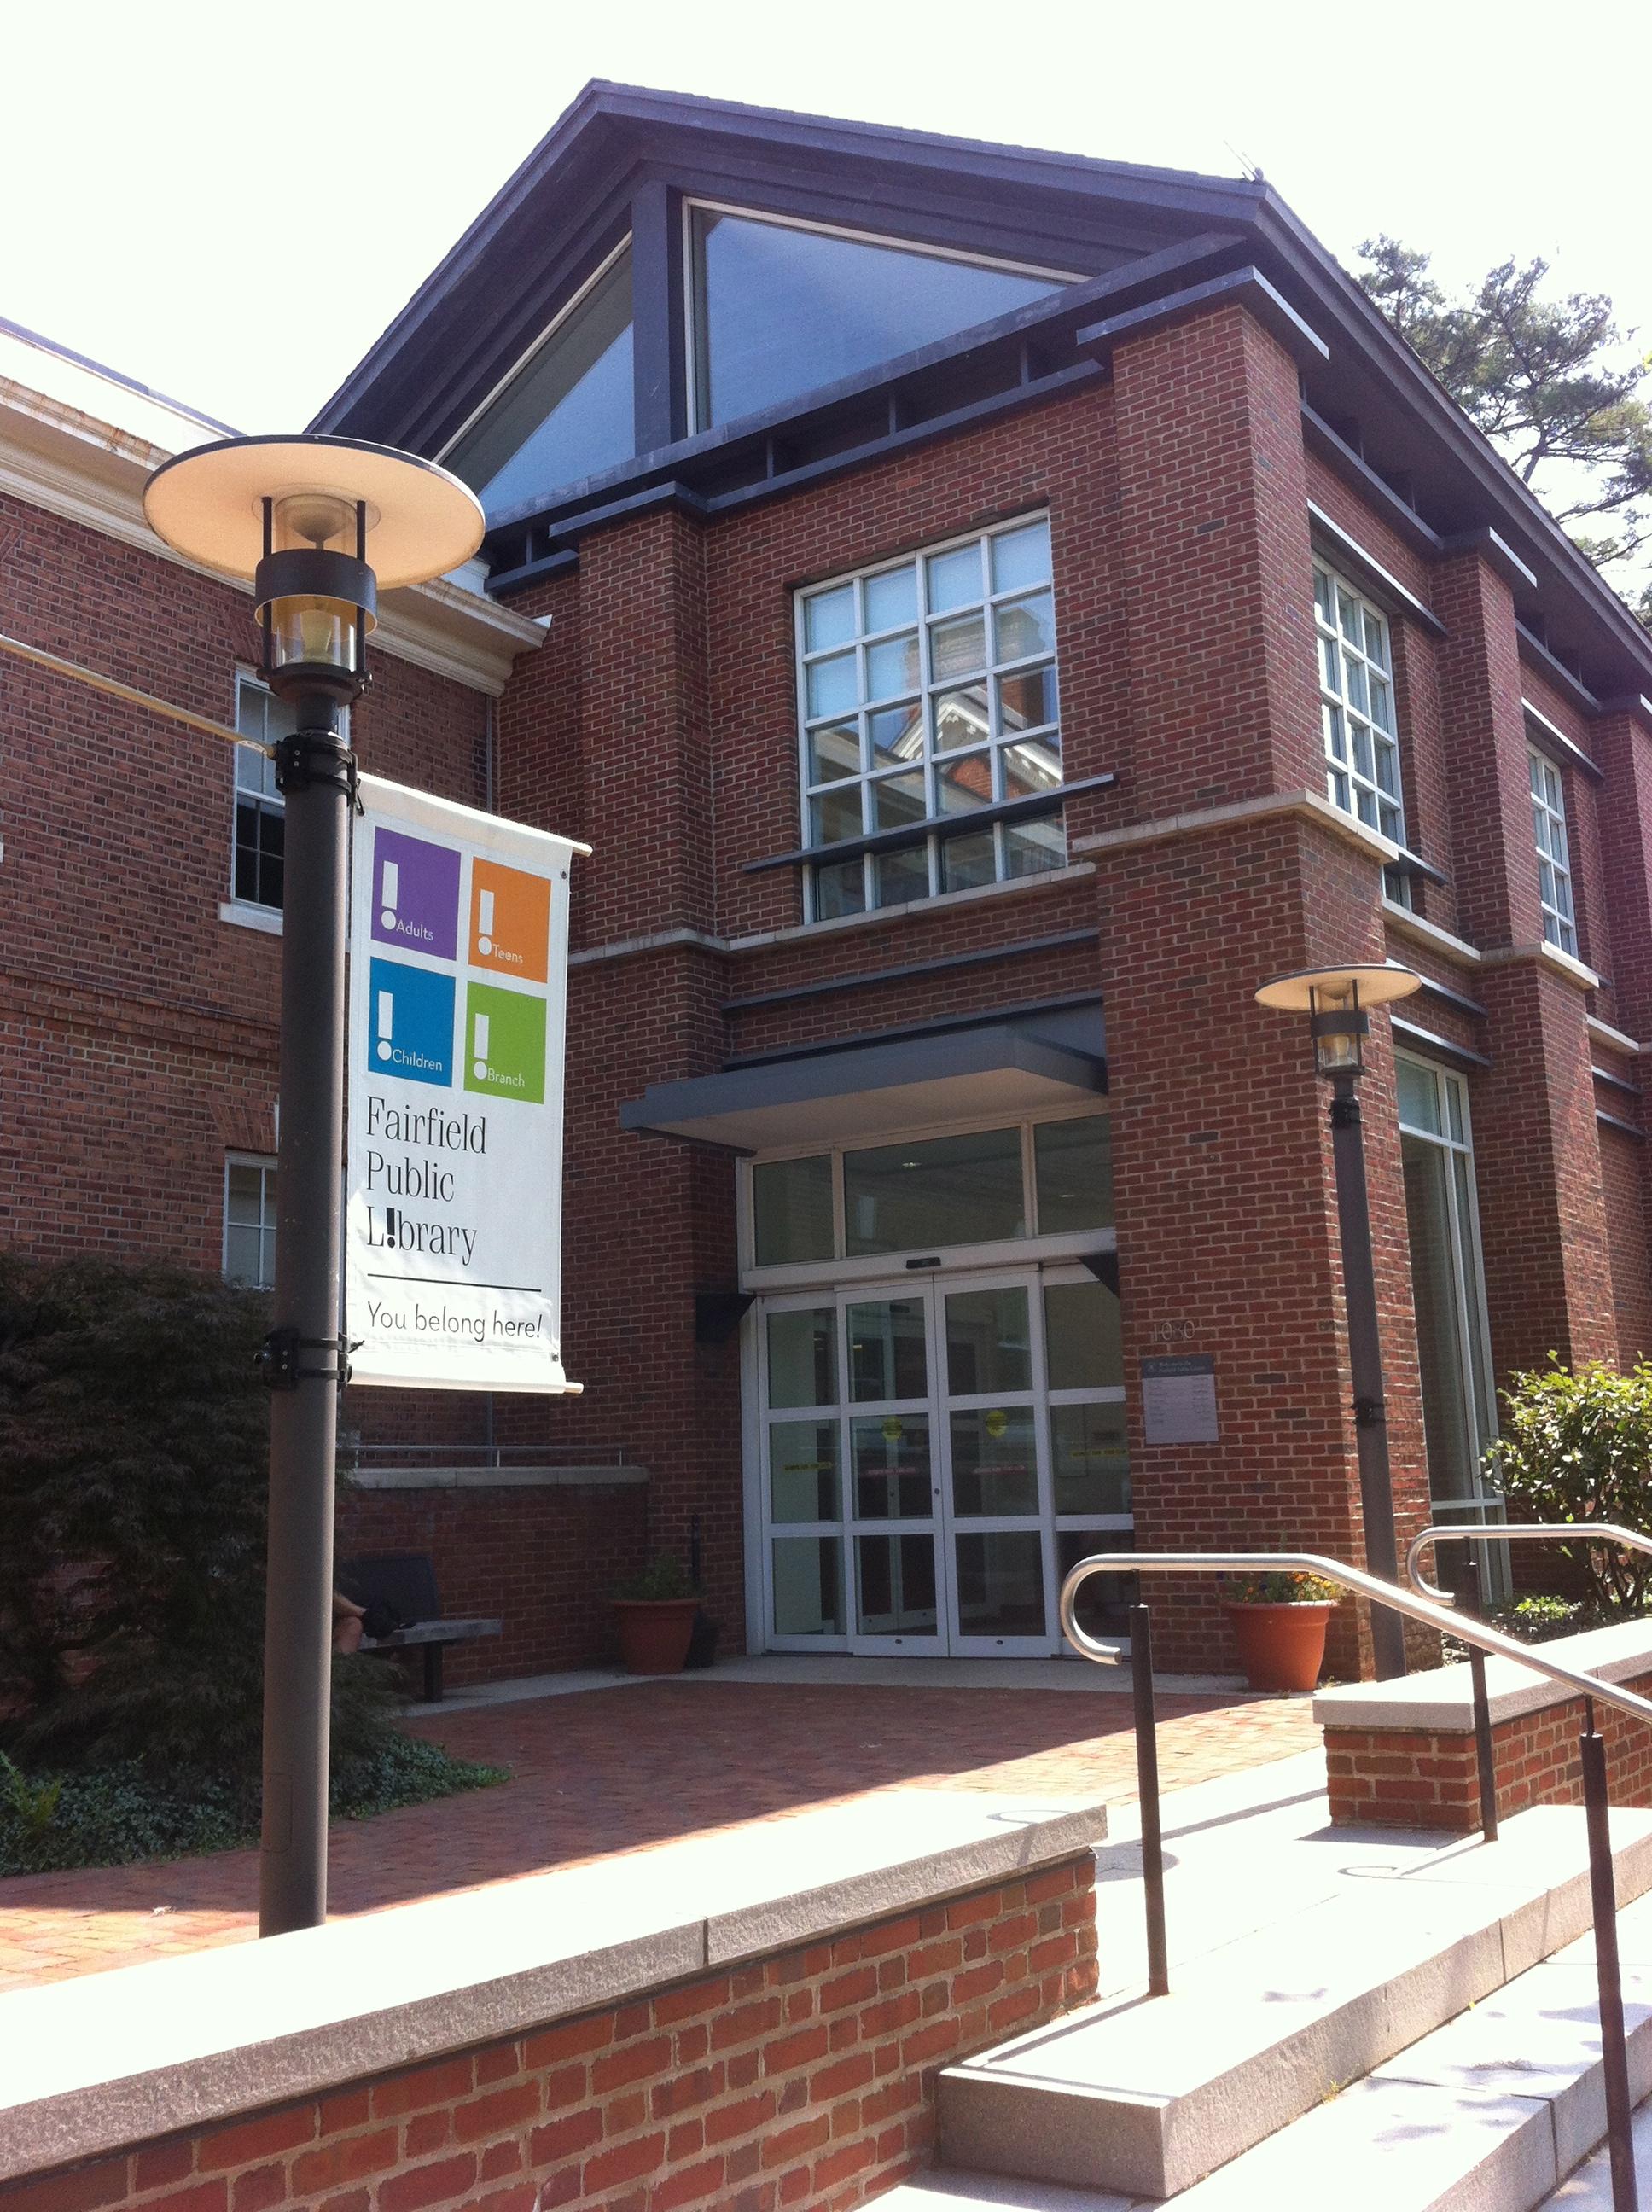 The Fairfield Public Library